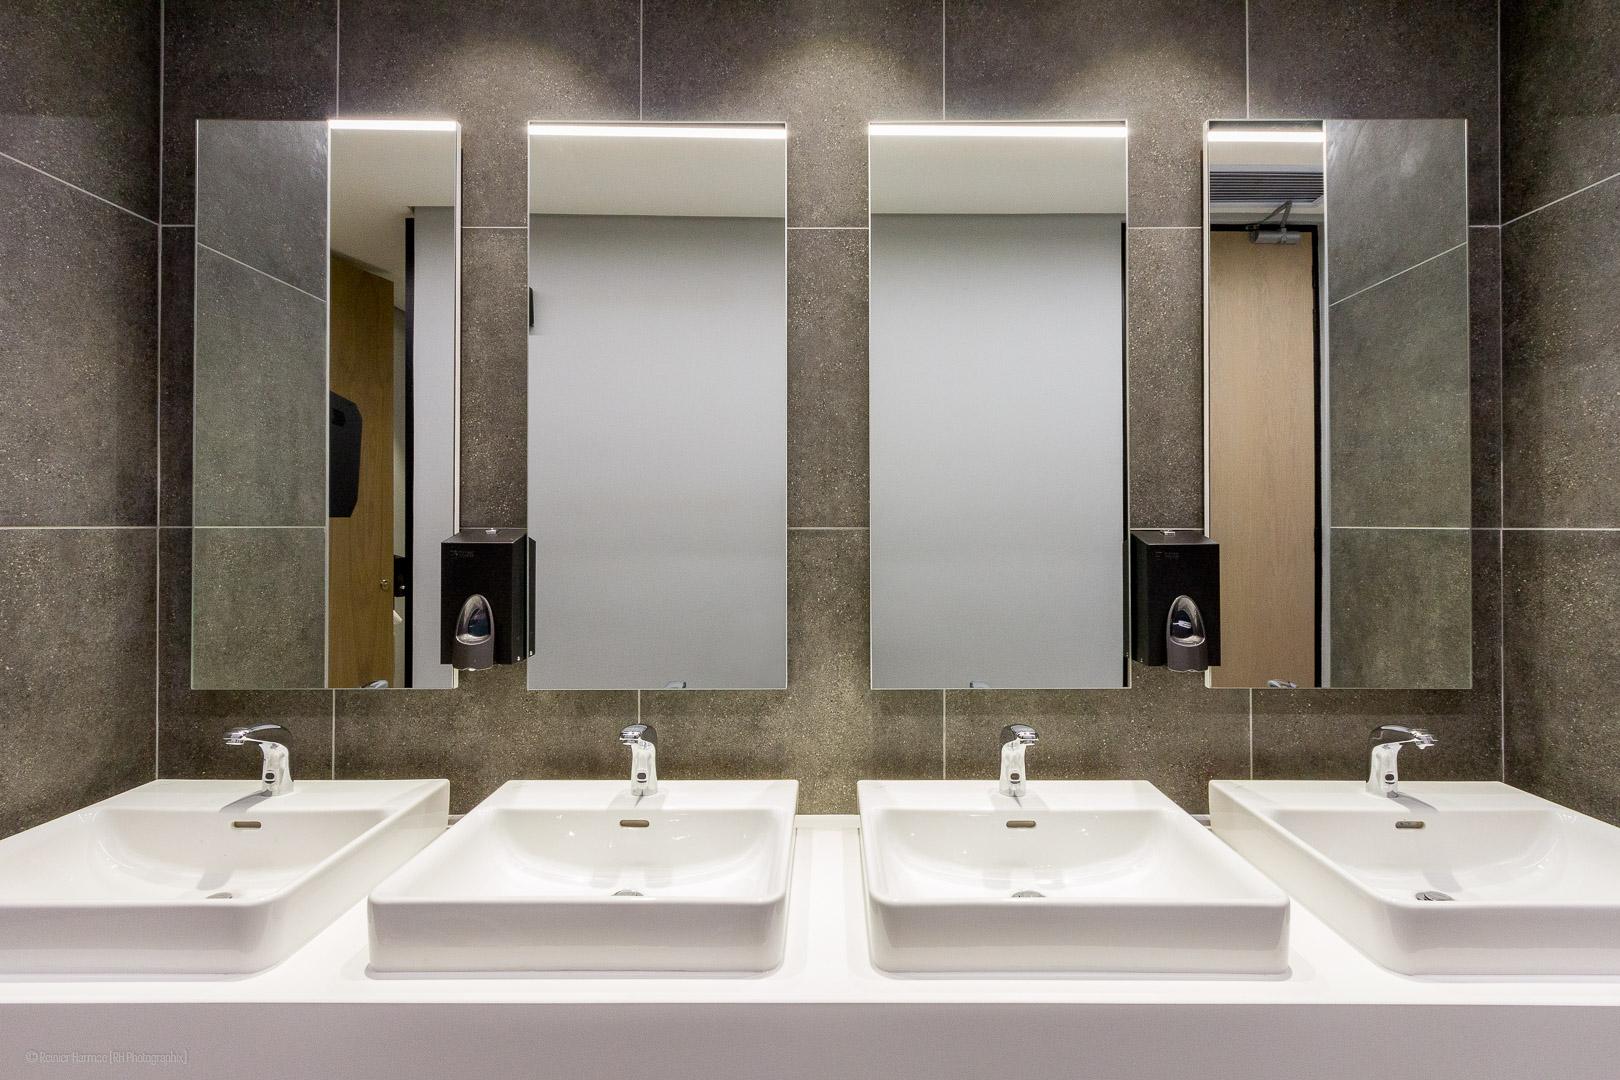 RHPX_Portfolio_Focus Rooms Interior-5